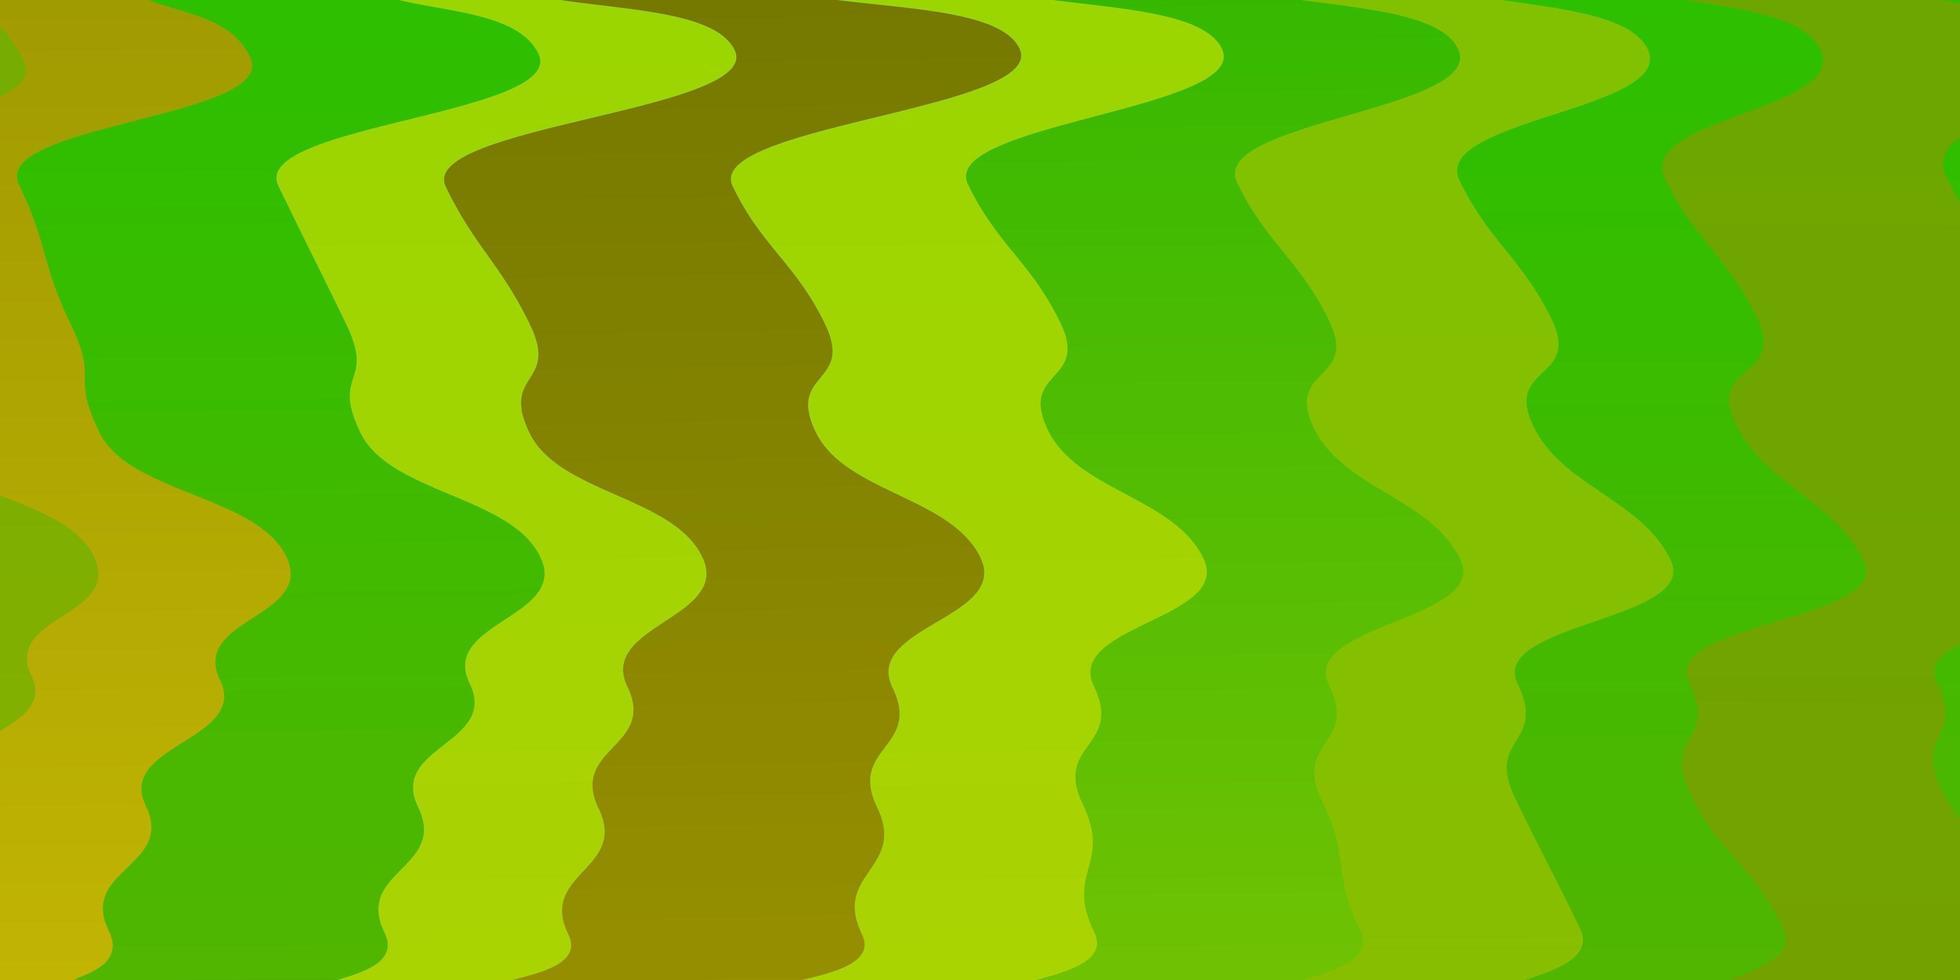 sfondo vettoriale verde chiaro, giallo con curve.